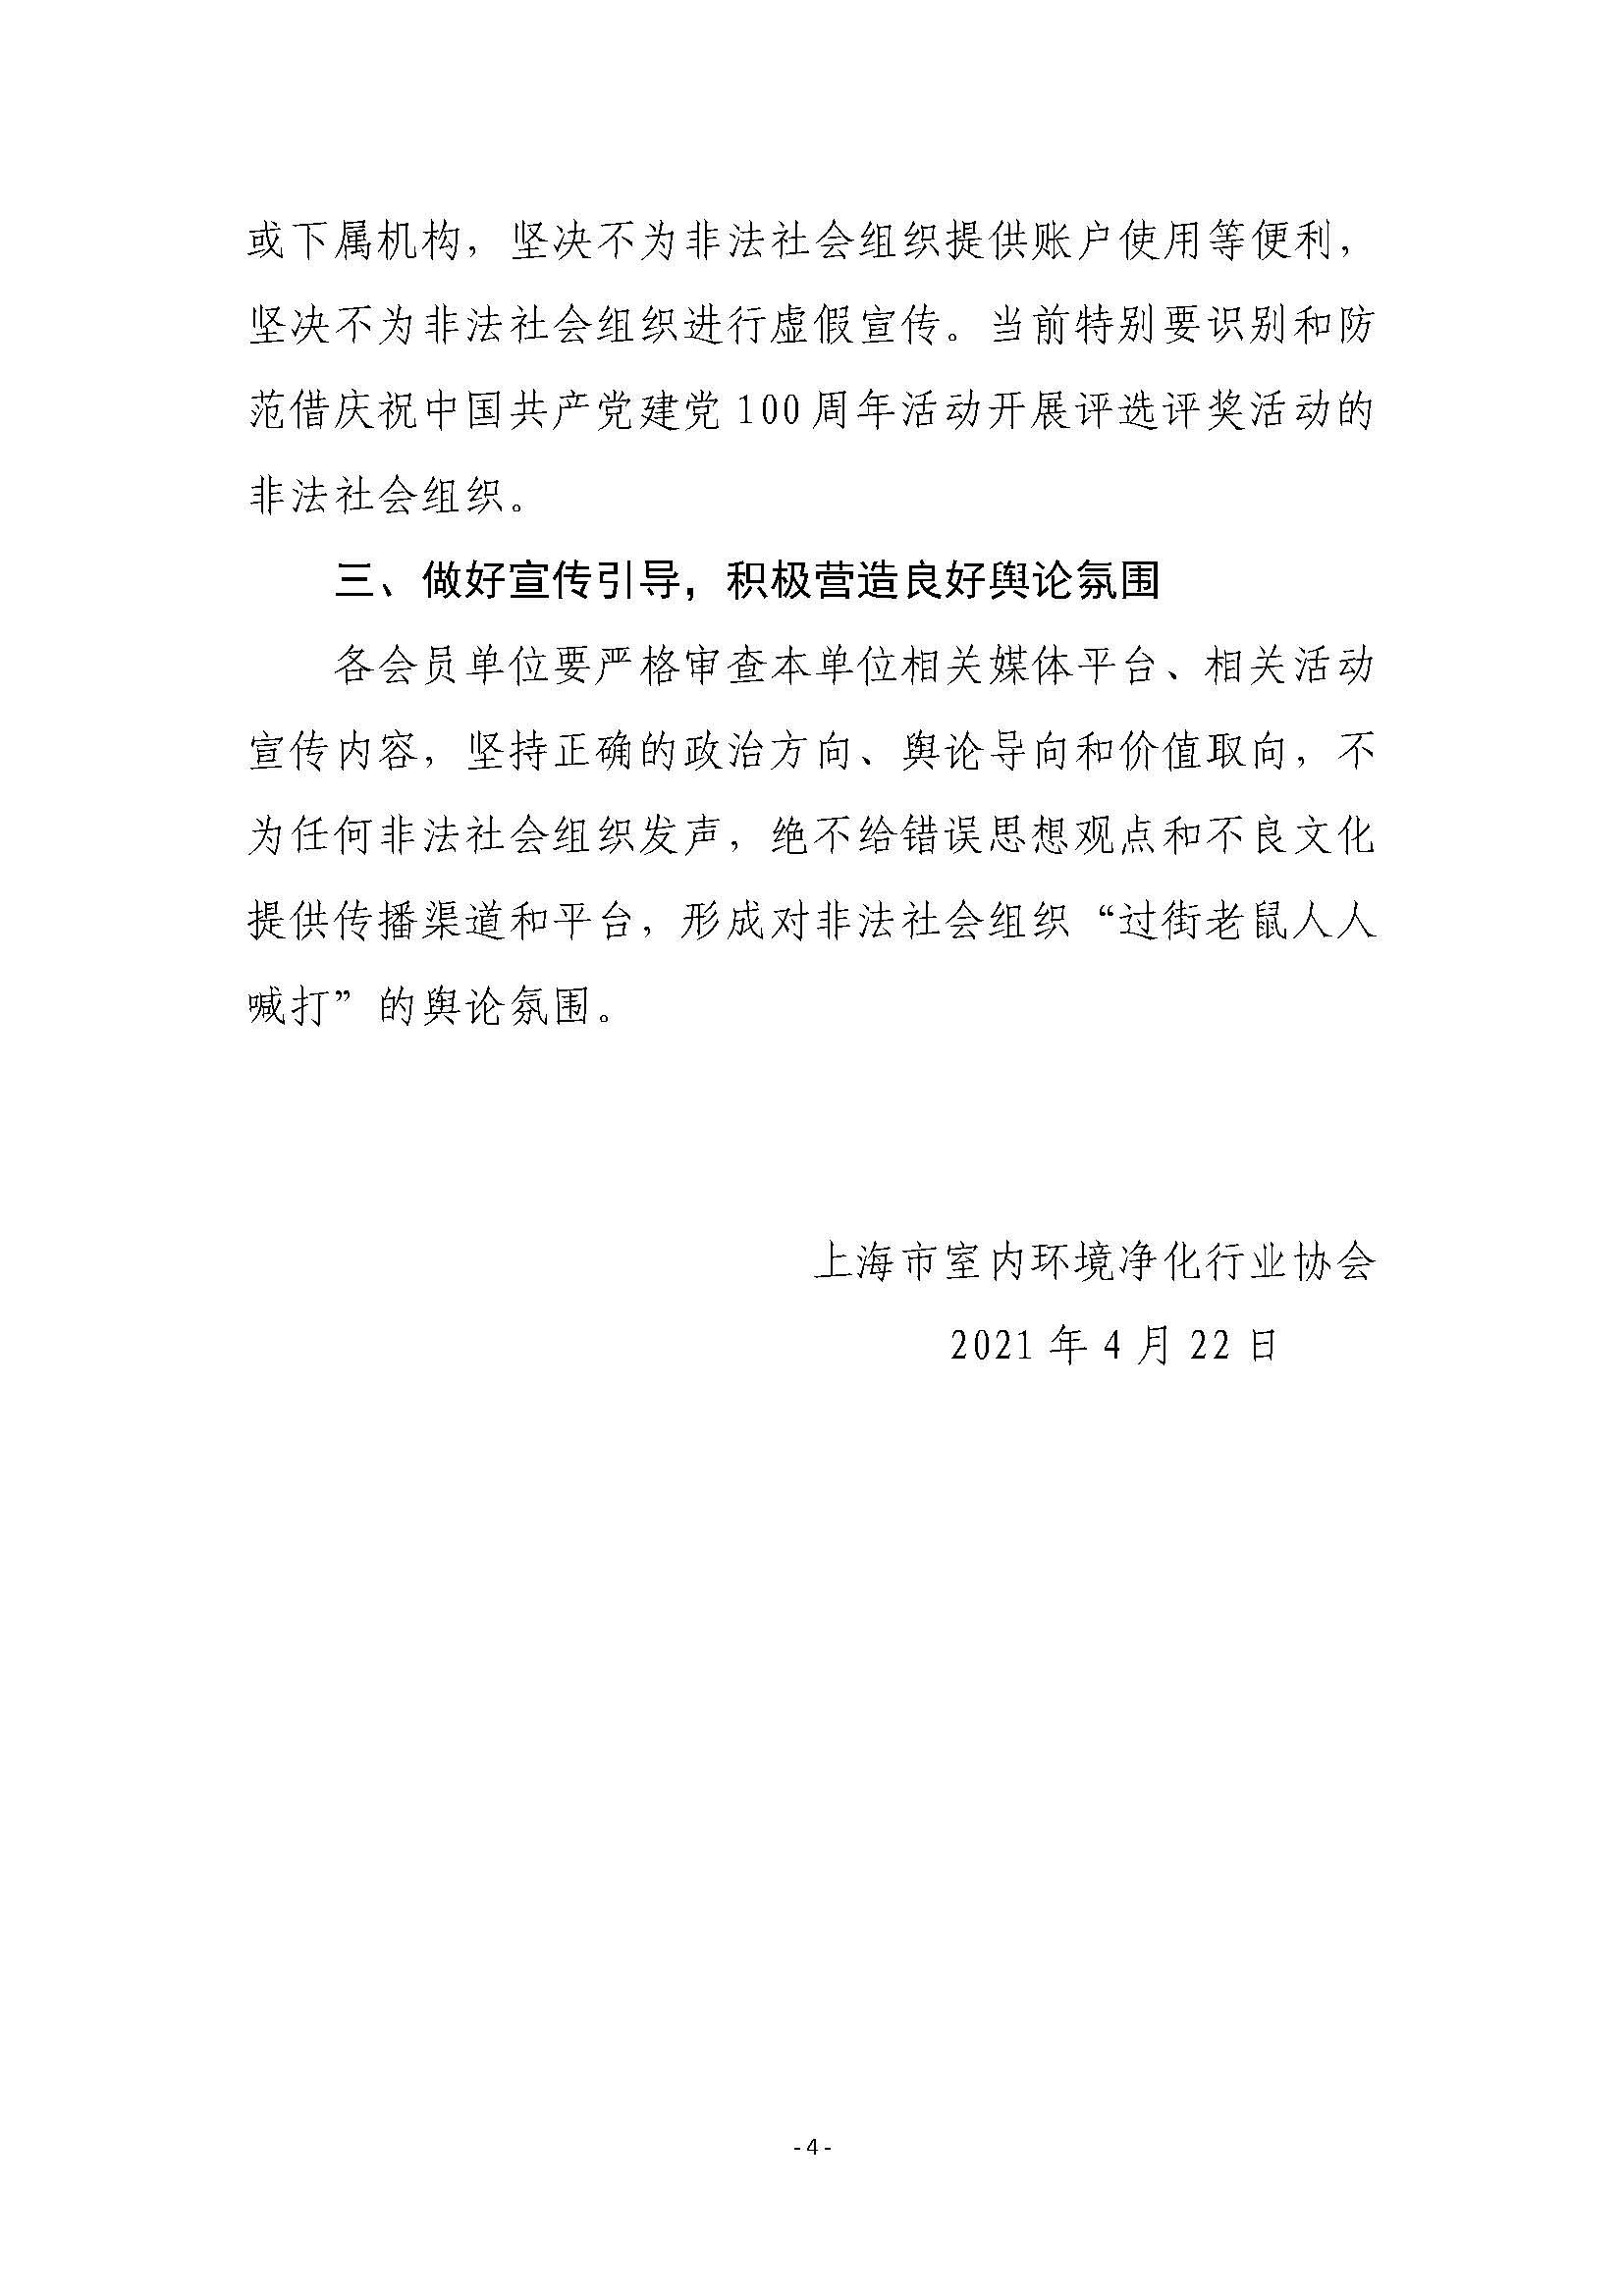 20210422上海市室内环境净化行业协会关于参与打击非法社会组织活动的倡议书_页面_4.jpg